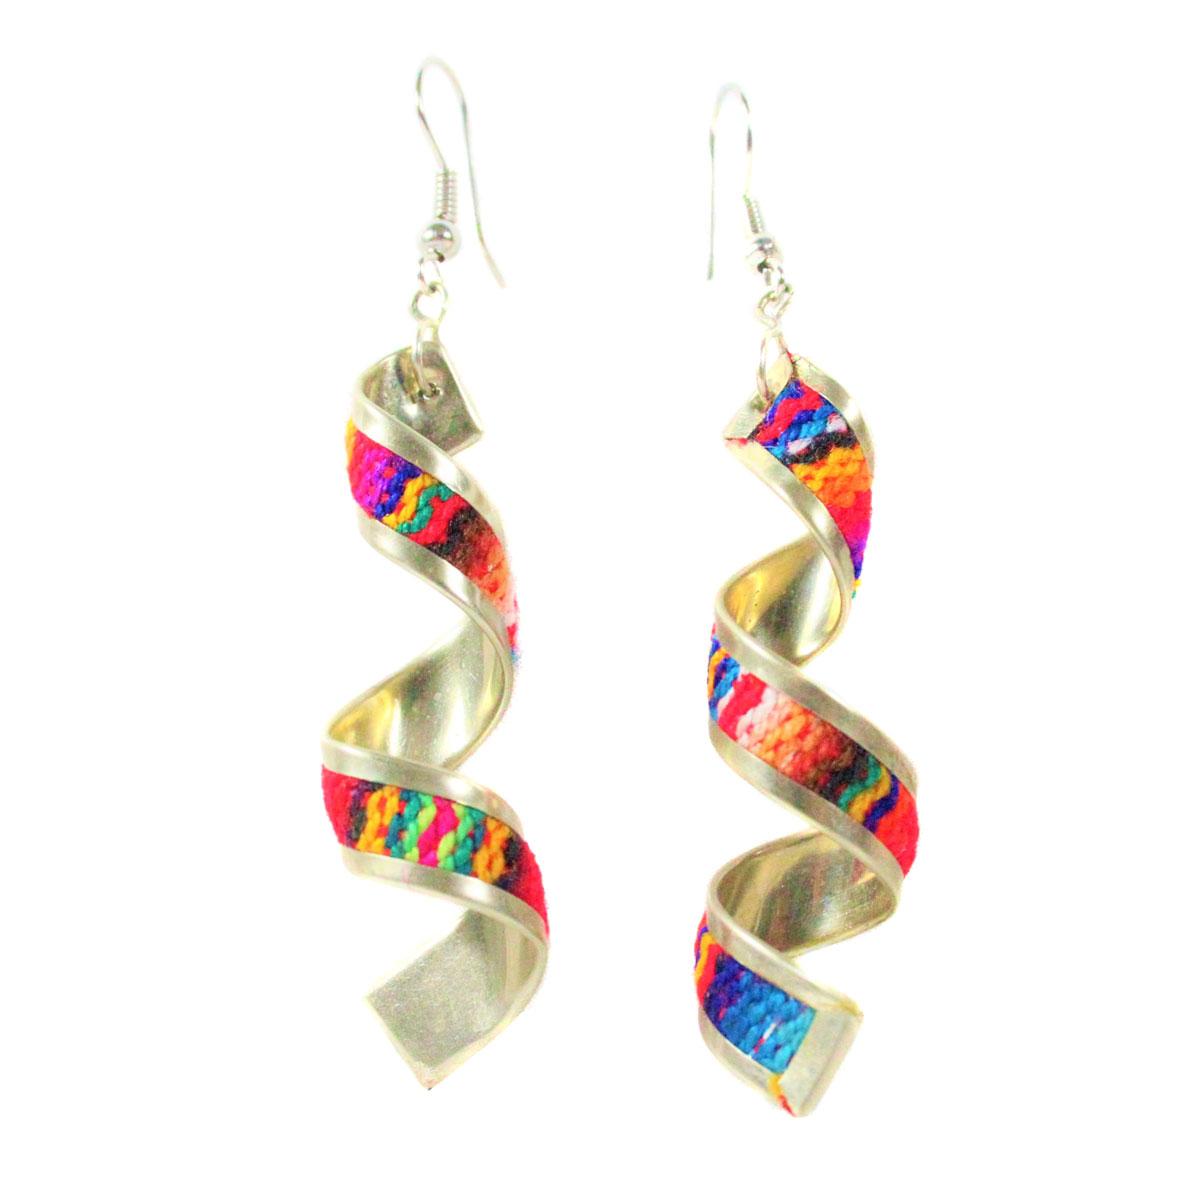 Inka-Products-Boucles d'Oreilles Tissu Traditionnel Péruvien-Spirale Longue Coloré